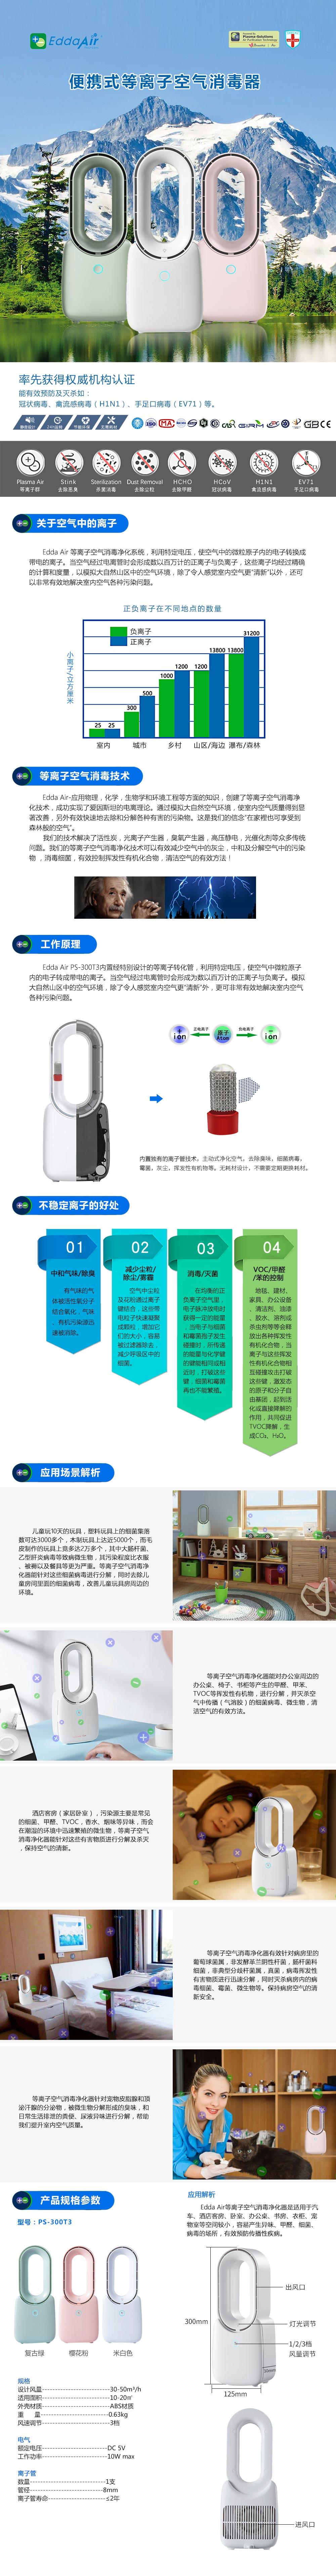 便携式空气消毒机